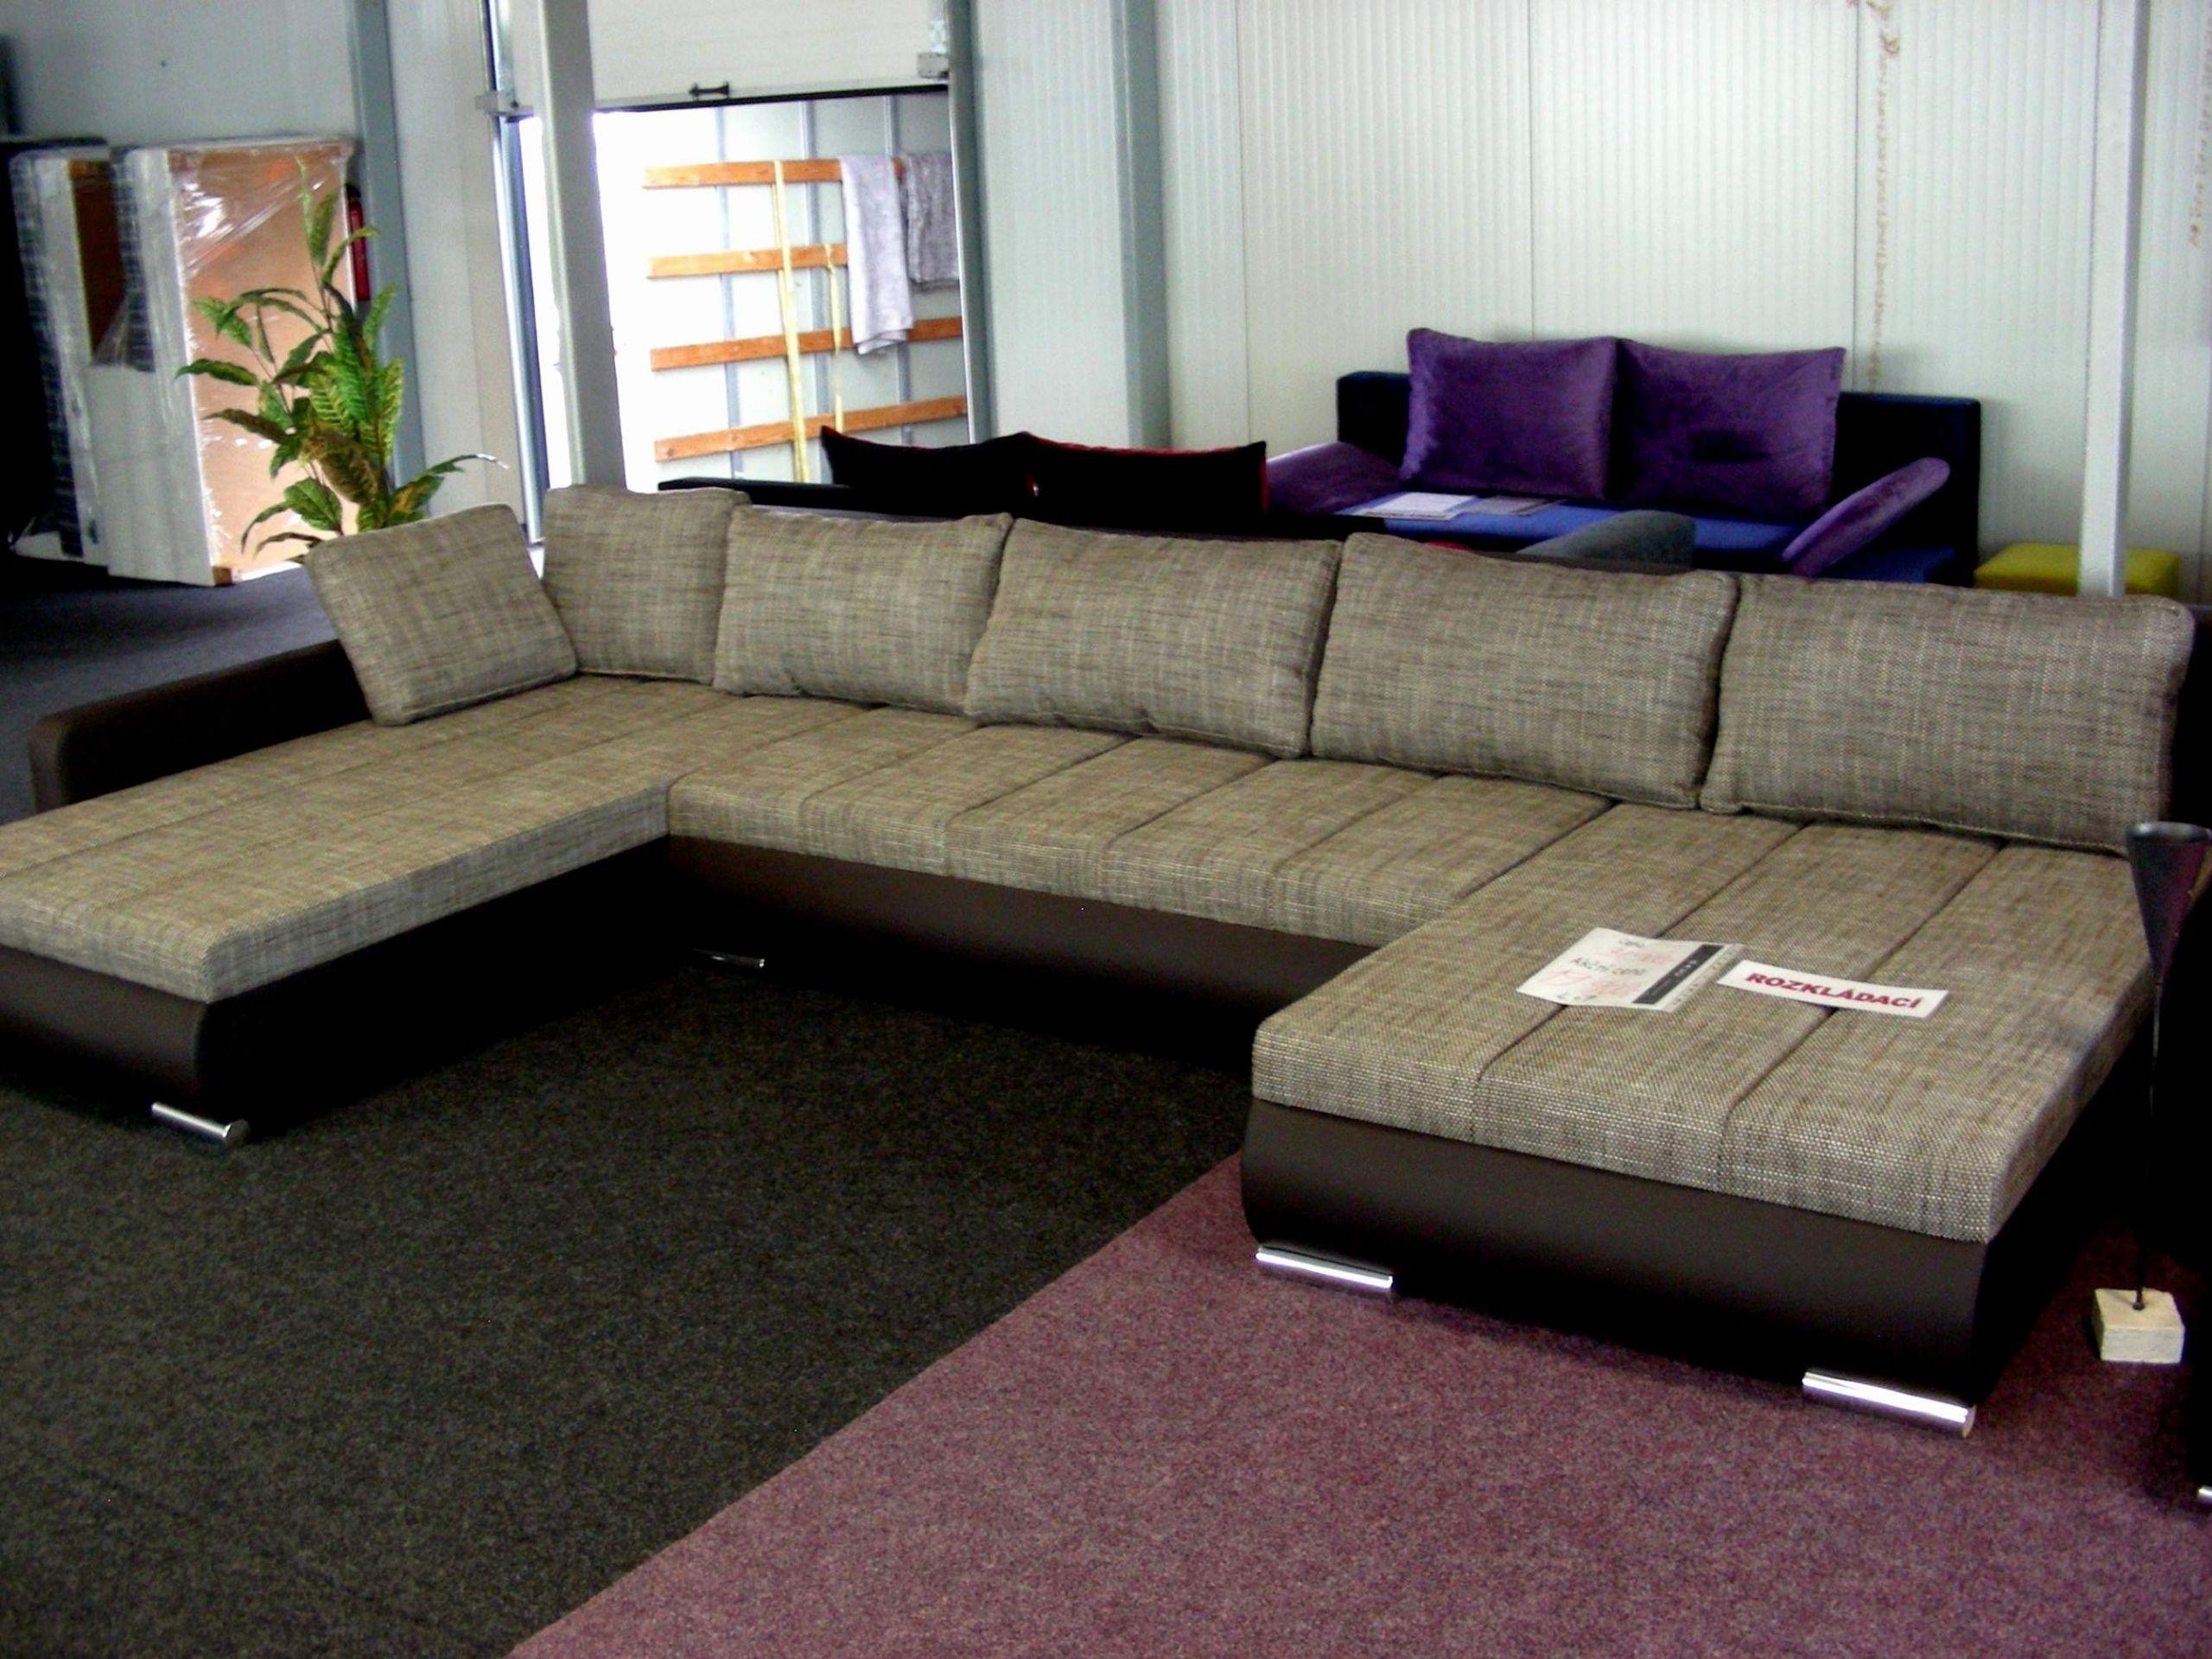 joop decke grau neu decken dekoration wohnzimmer frisch couch decke 0d archives zu gros of joop decke grau